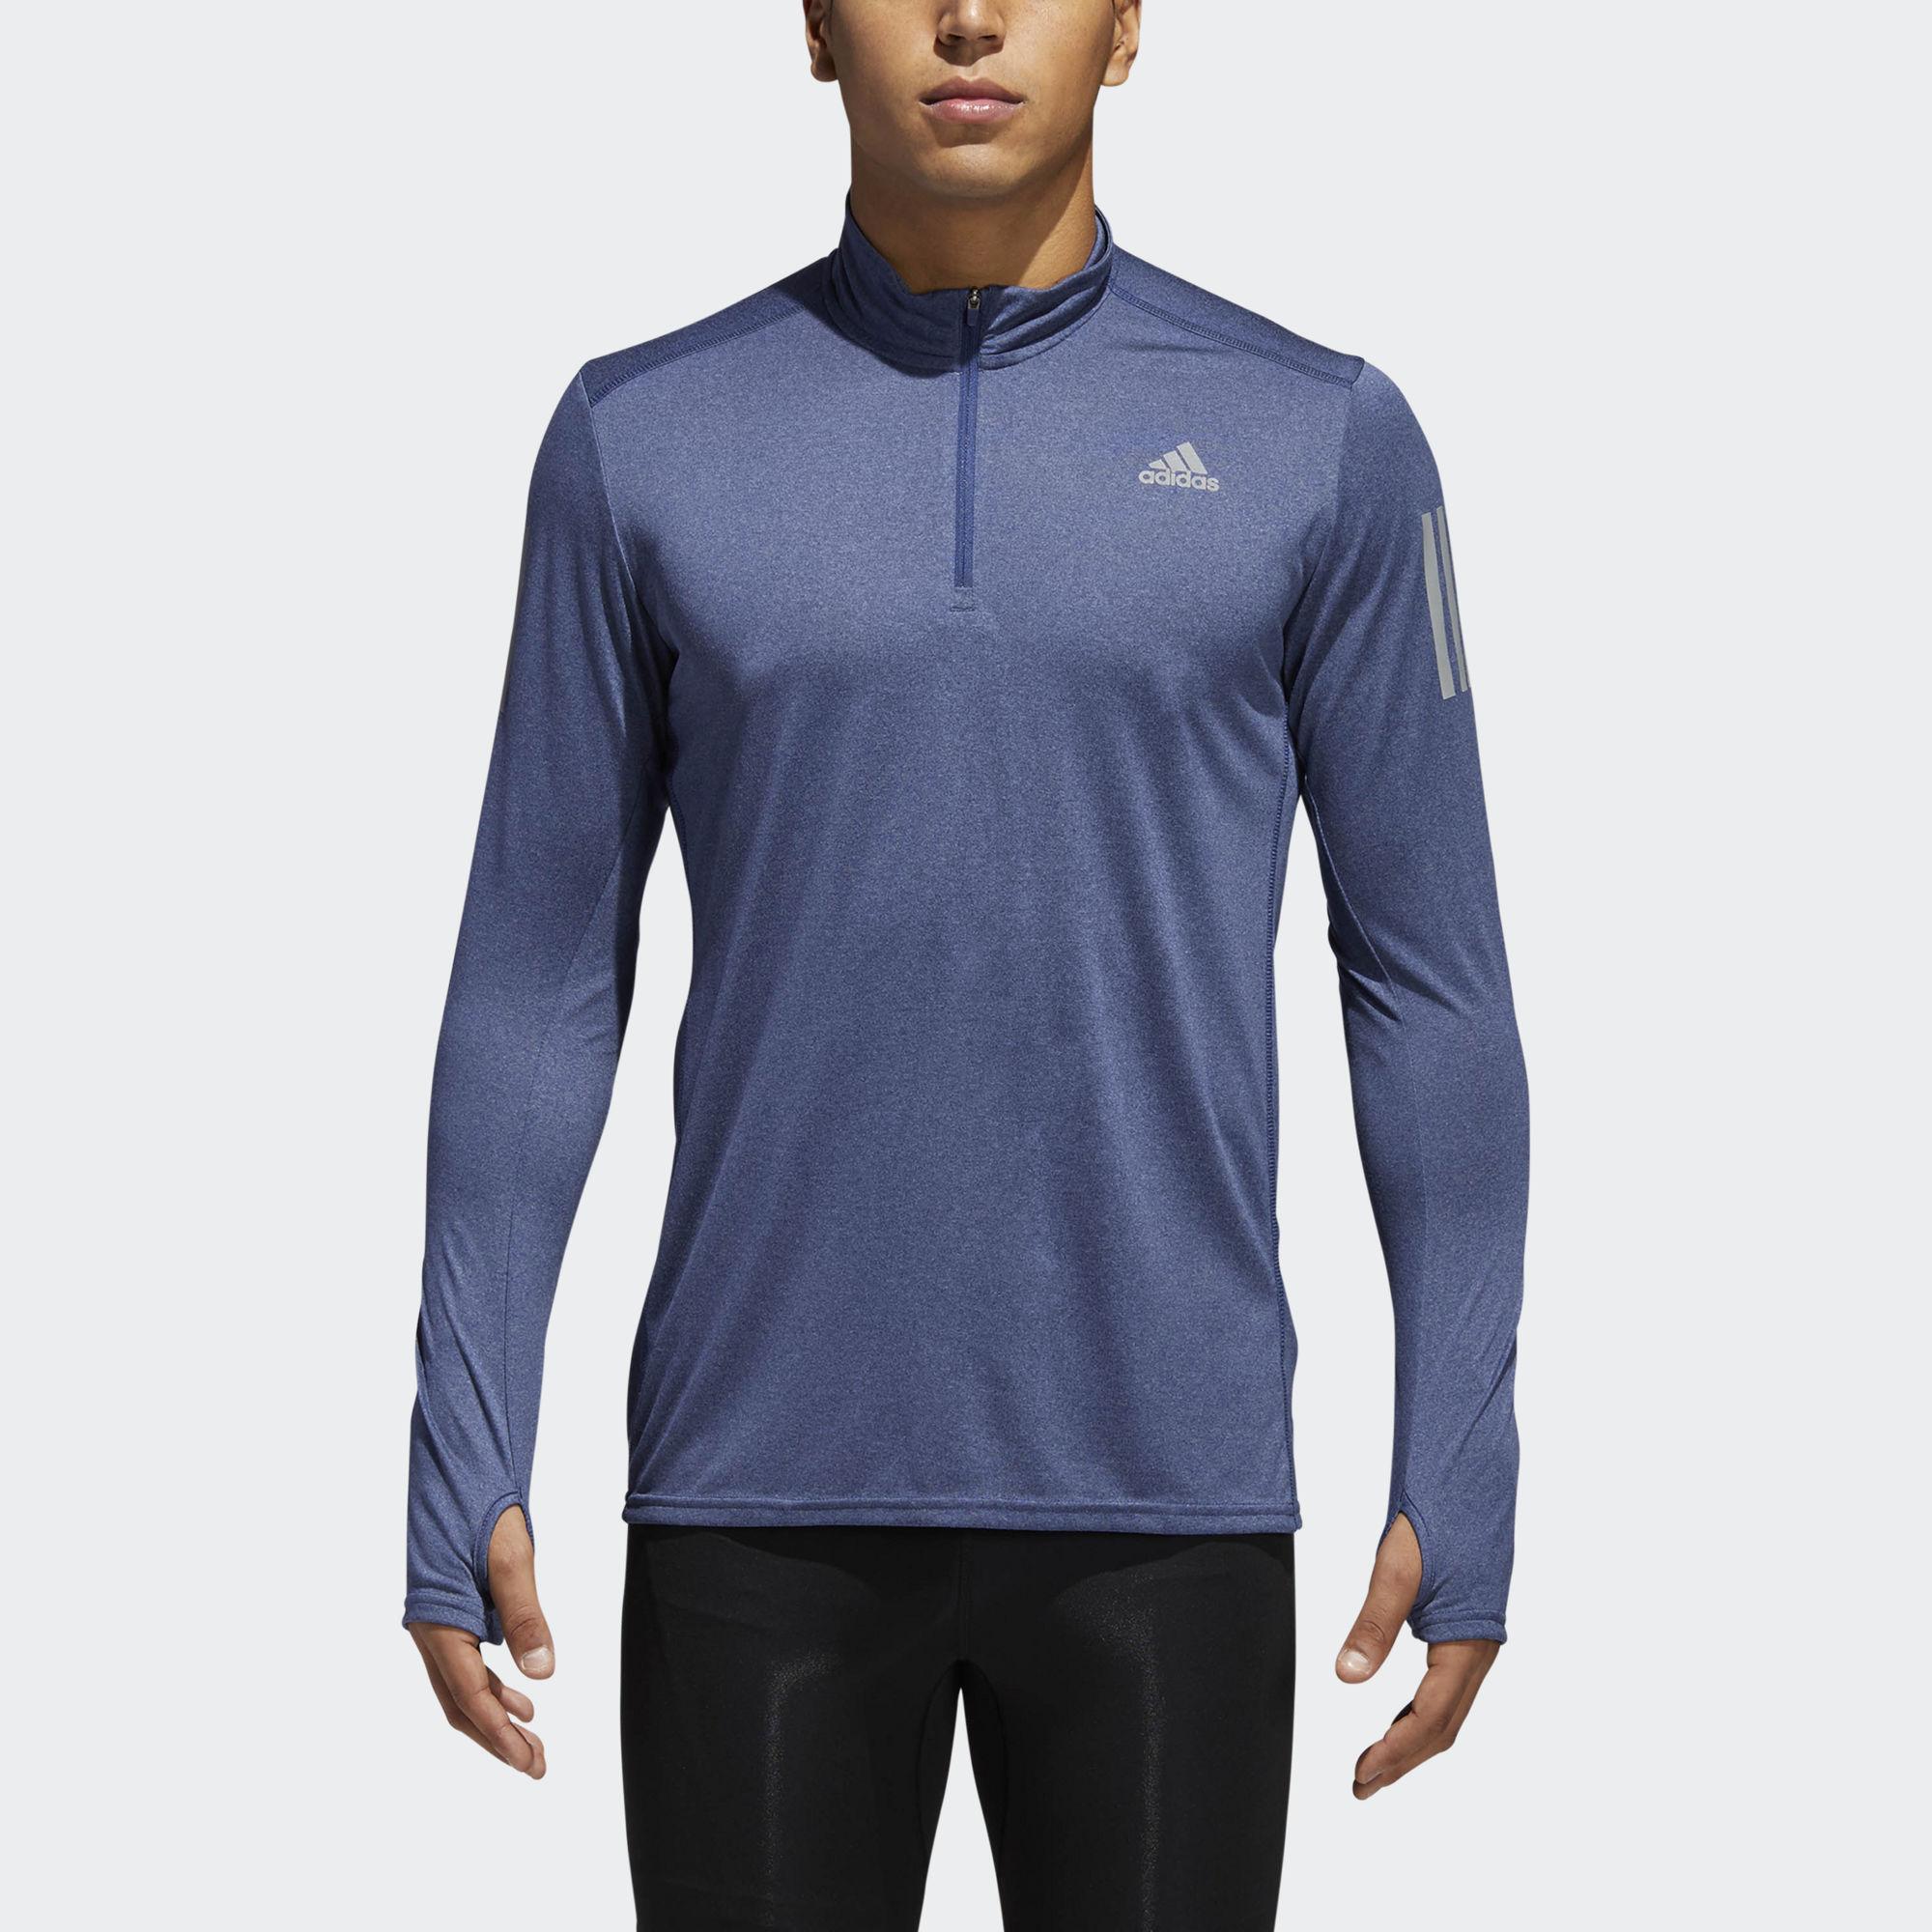 adidas Response 1/2 Zip Long Sleeve in Blau